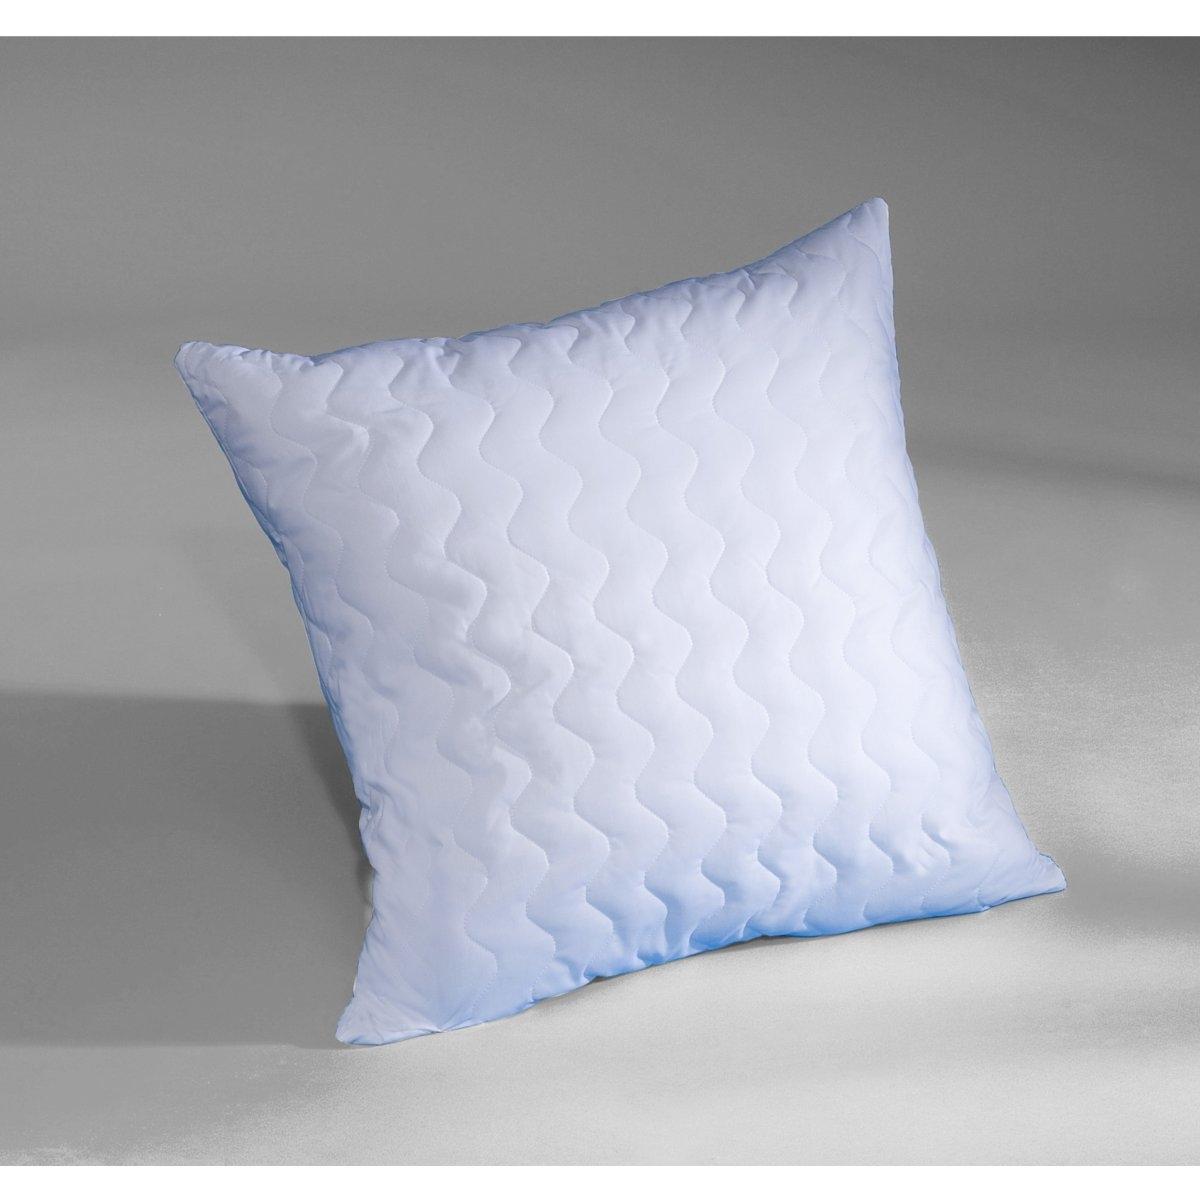 Подушка из синтетикиОчень мягкая подушка подарить несравненное ощущение комфорта! Наполнитель из невероятно тонких силиконовых волокон ISOLANE напоминает пух, но имеет преимущества полиэстерового волокна. Не вызывает аллергии. Машинная стирка при 40°. Двойная защита из перкали, 100% хлопка: 1 чехол + 1 съемный чехол с застежкой на молнию, стеганый, из полиэстера (40 г/м?).<br><br>Цвет: белый